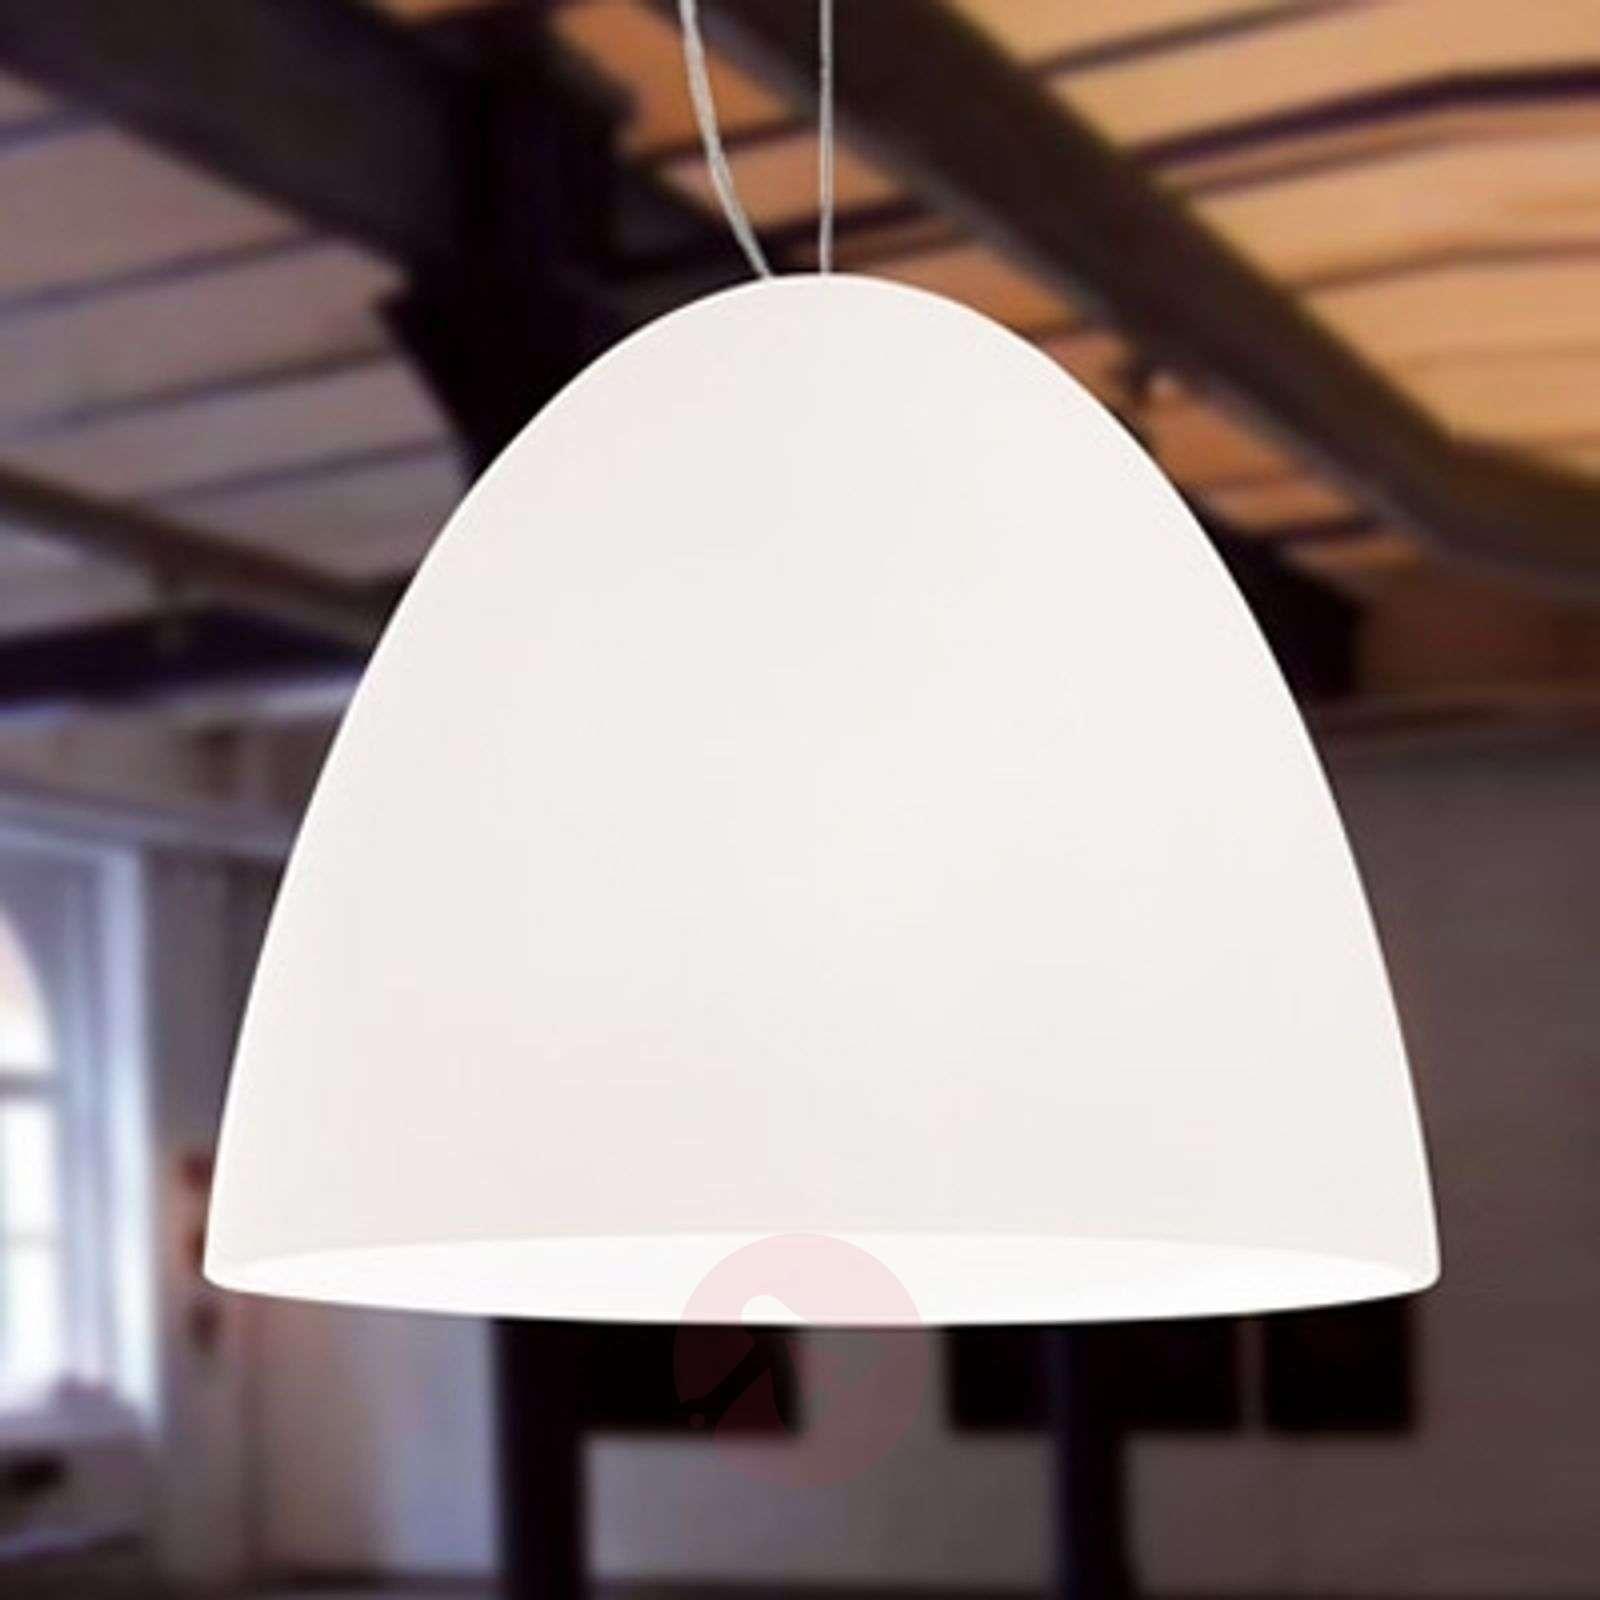 BELL-riippuvalaisin, yksilamppuinen-2000216X-01